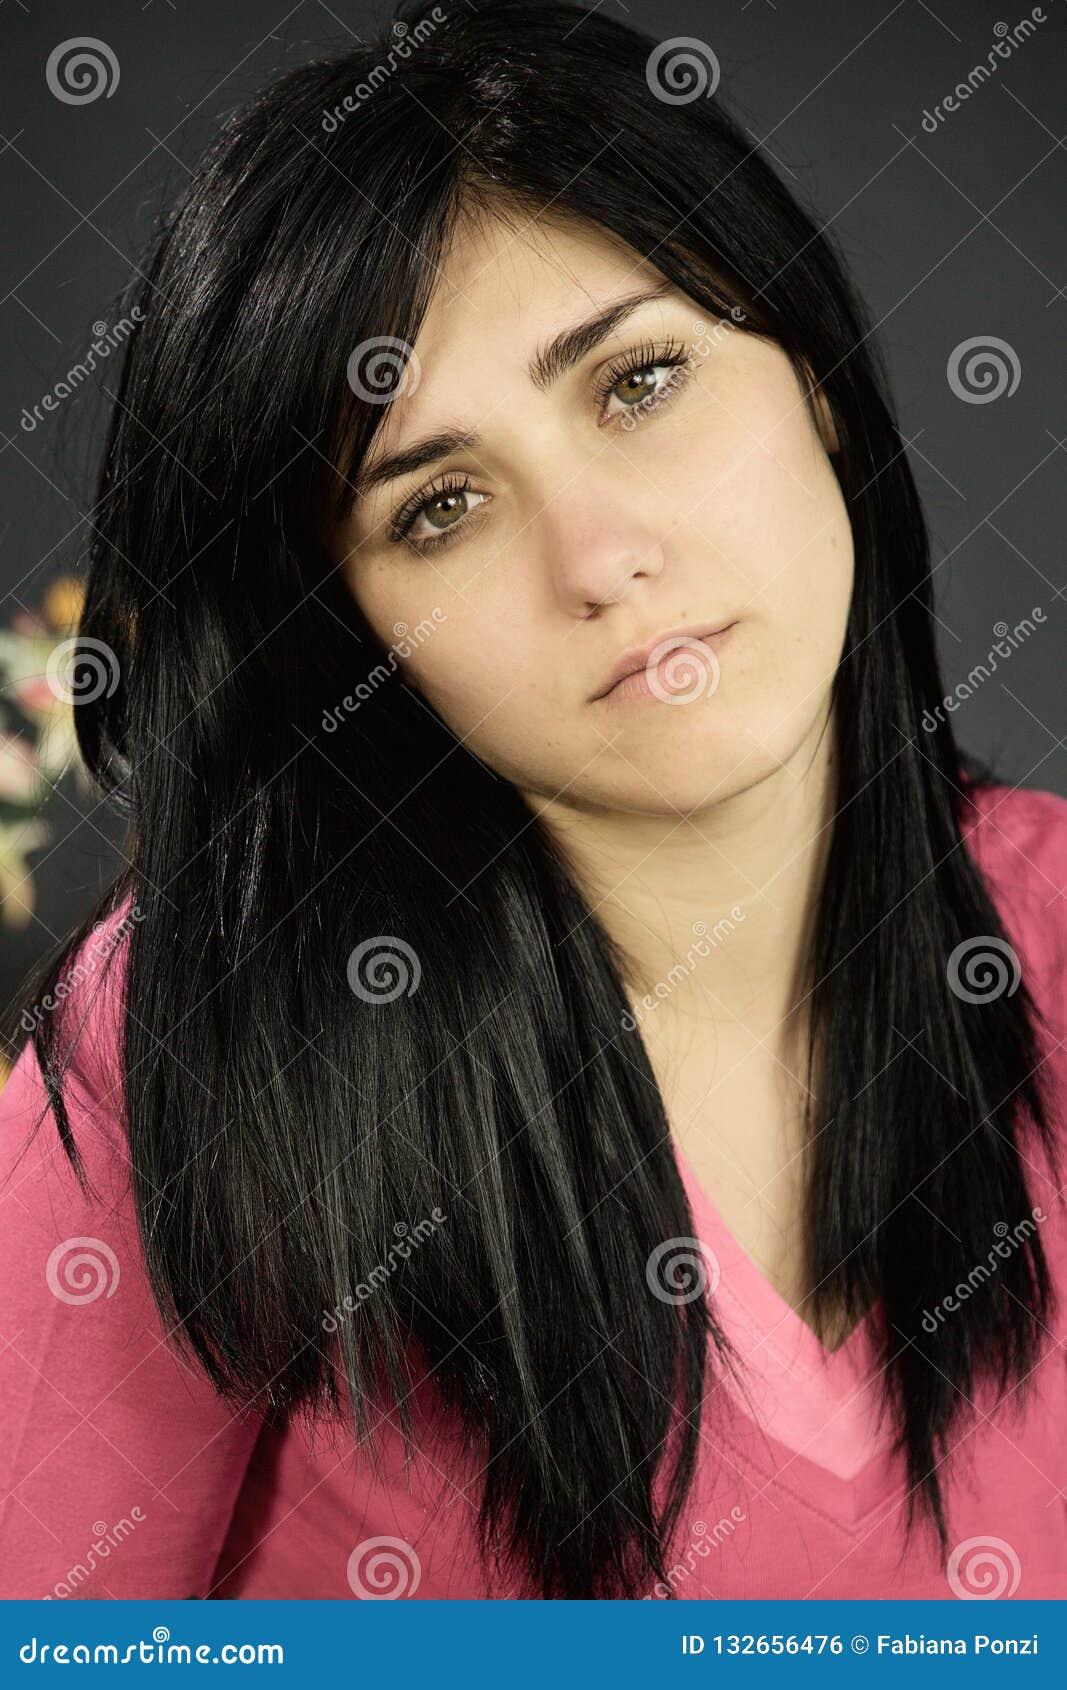 Λυπημένη γυναίκα που αισθάνεται πιεσμένο να φανεί κάμερα